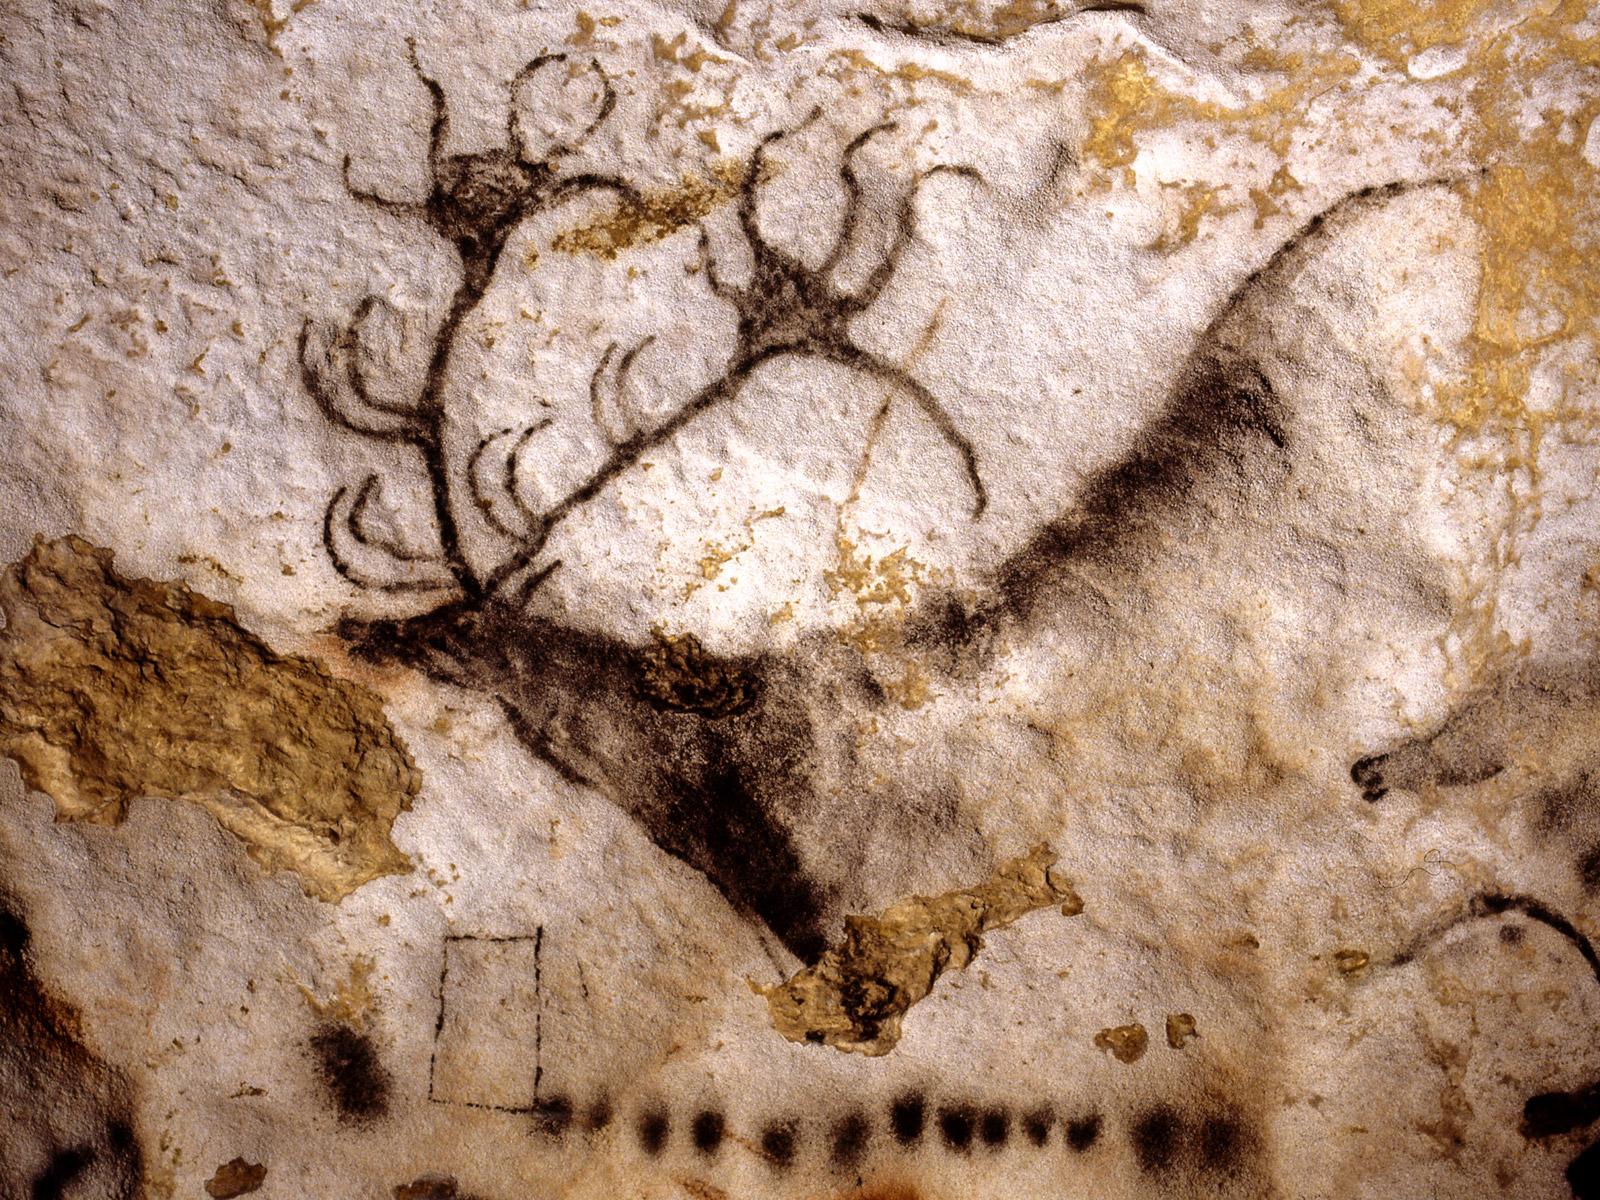 Caveman Art Project : Vista art projects lascaux cave paintings stories